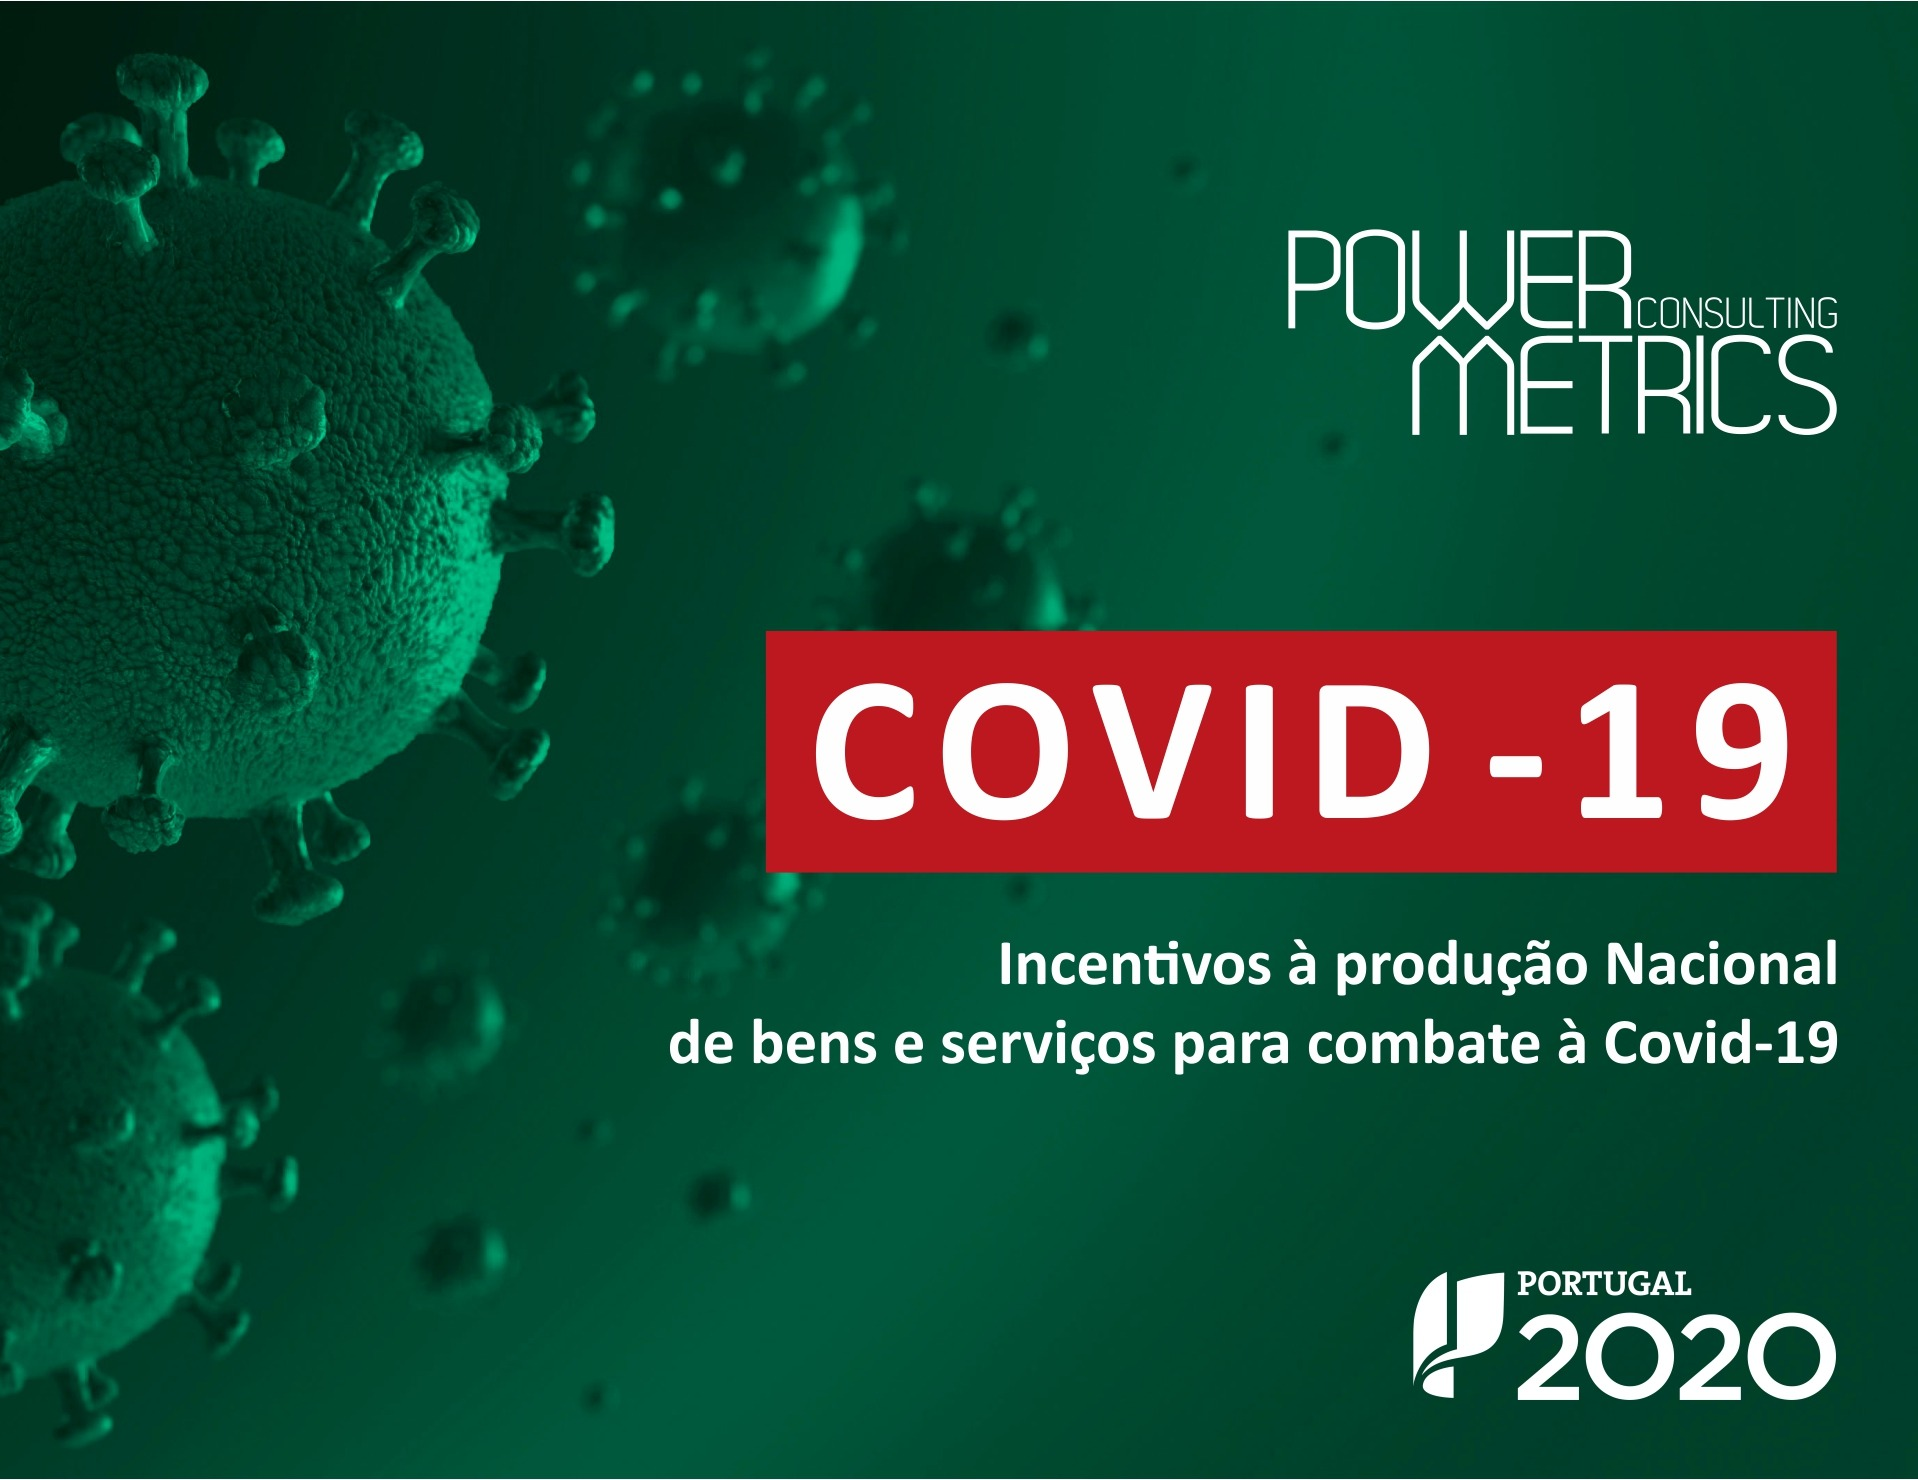 Incentivos à produção Nacional de bens e serviços para combate à Covid - 19